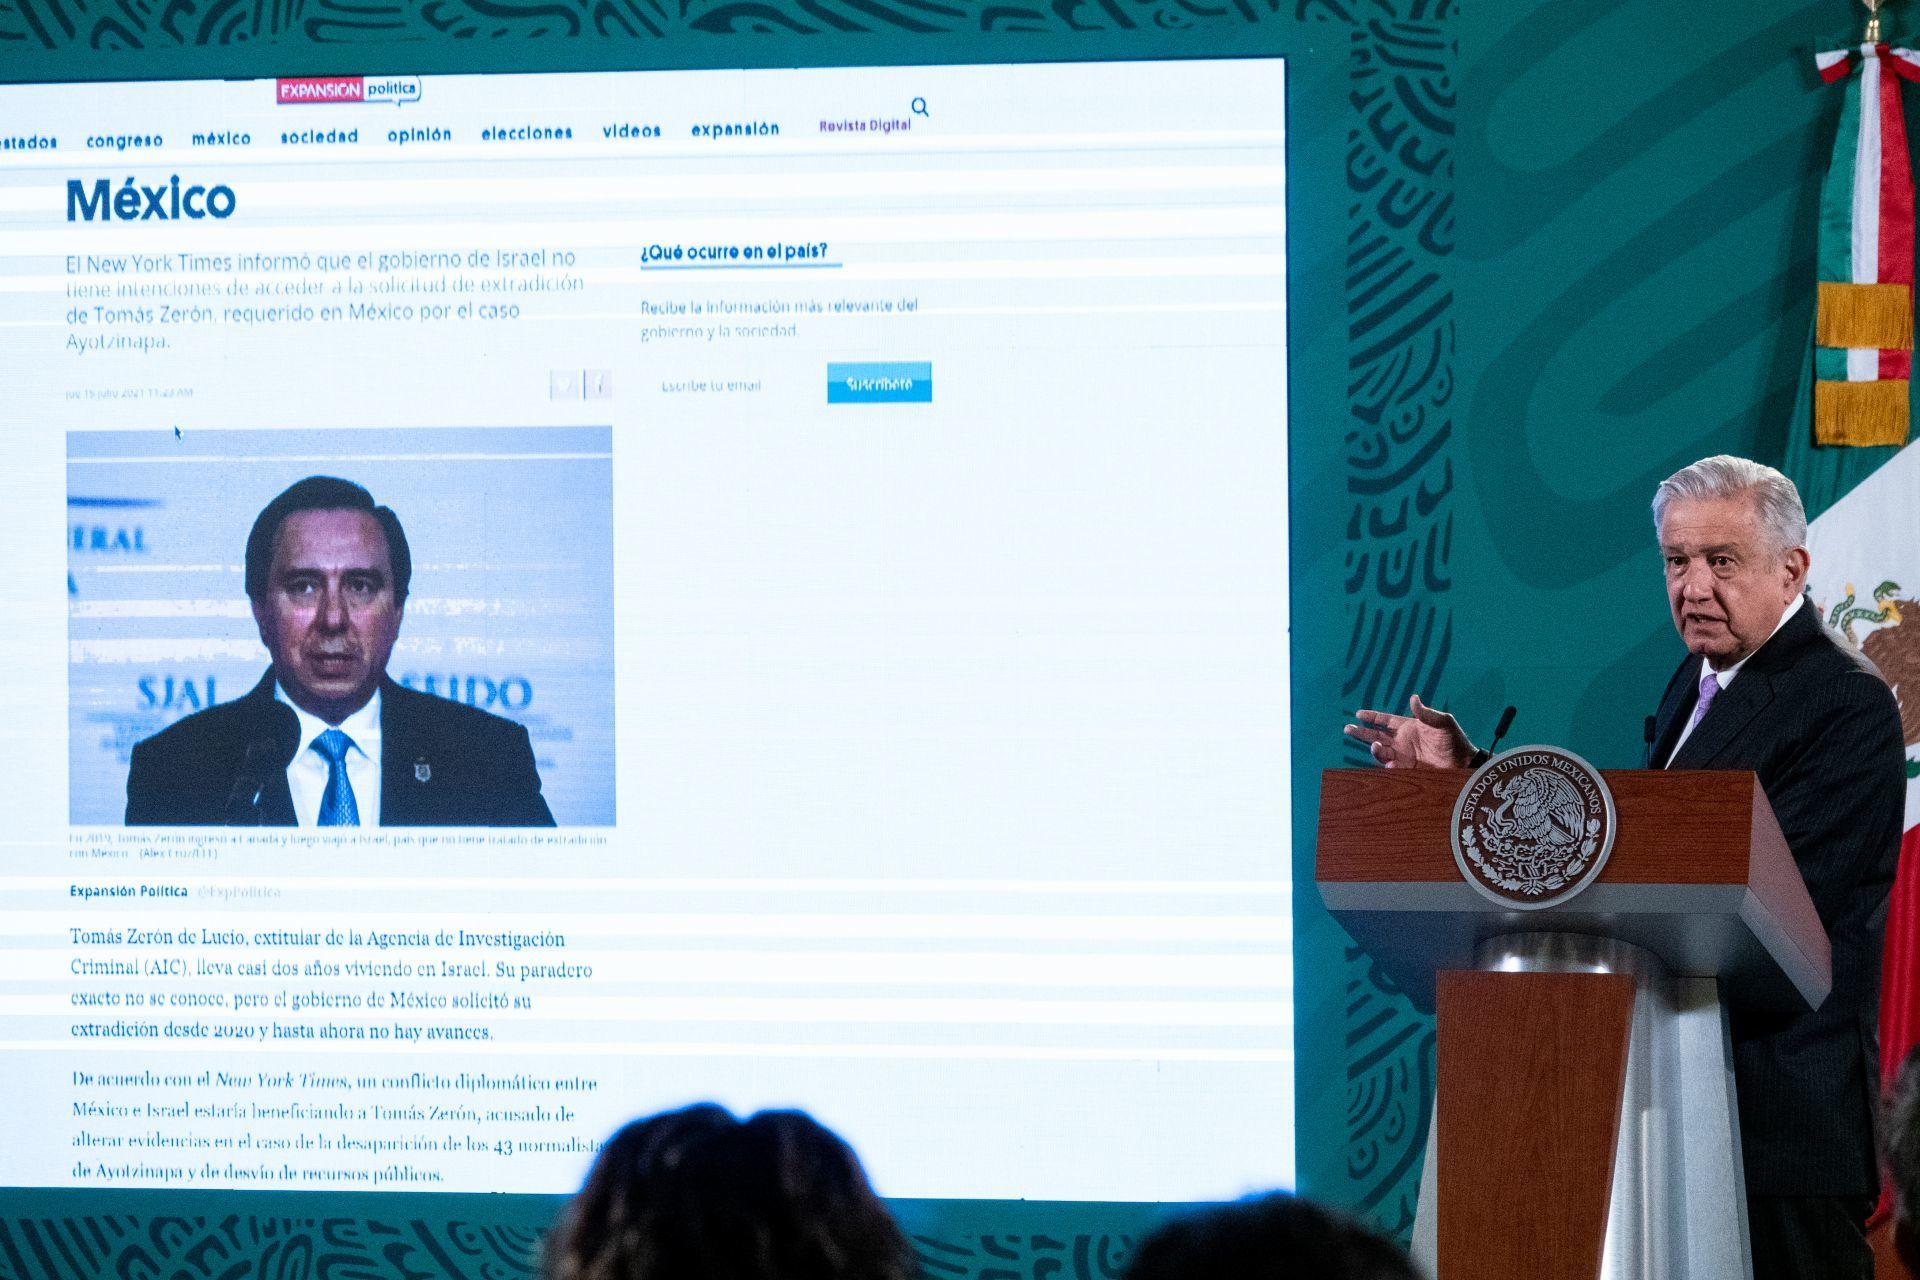 López Obrador espera que Israel autorice extradición de Tomás Zerón